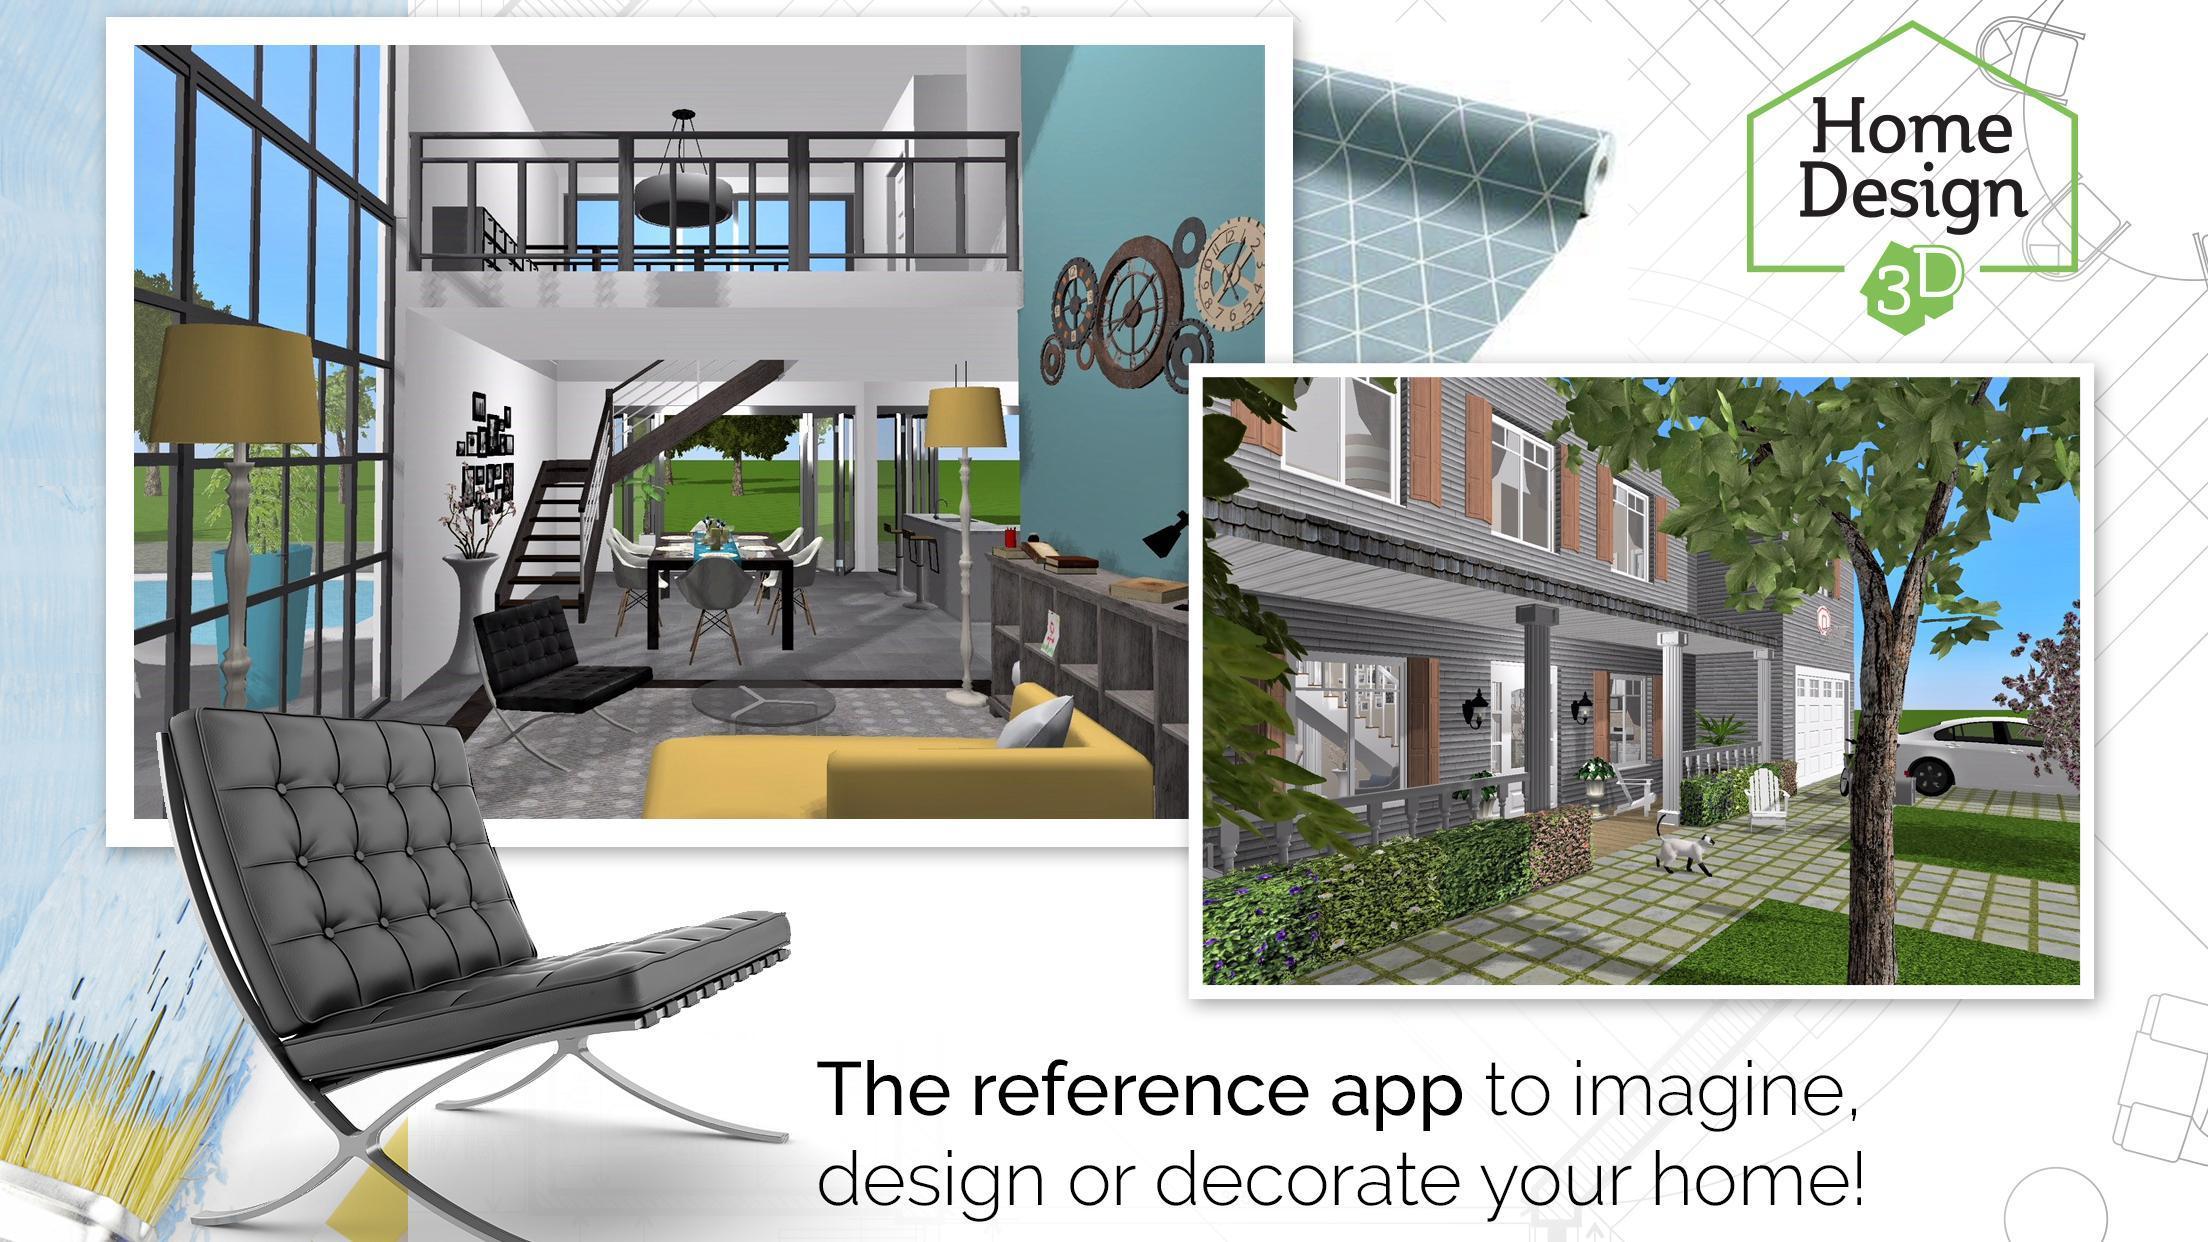 Home Design 3D 4.4.4 Screenshot 11